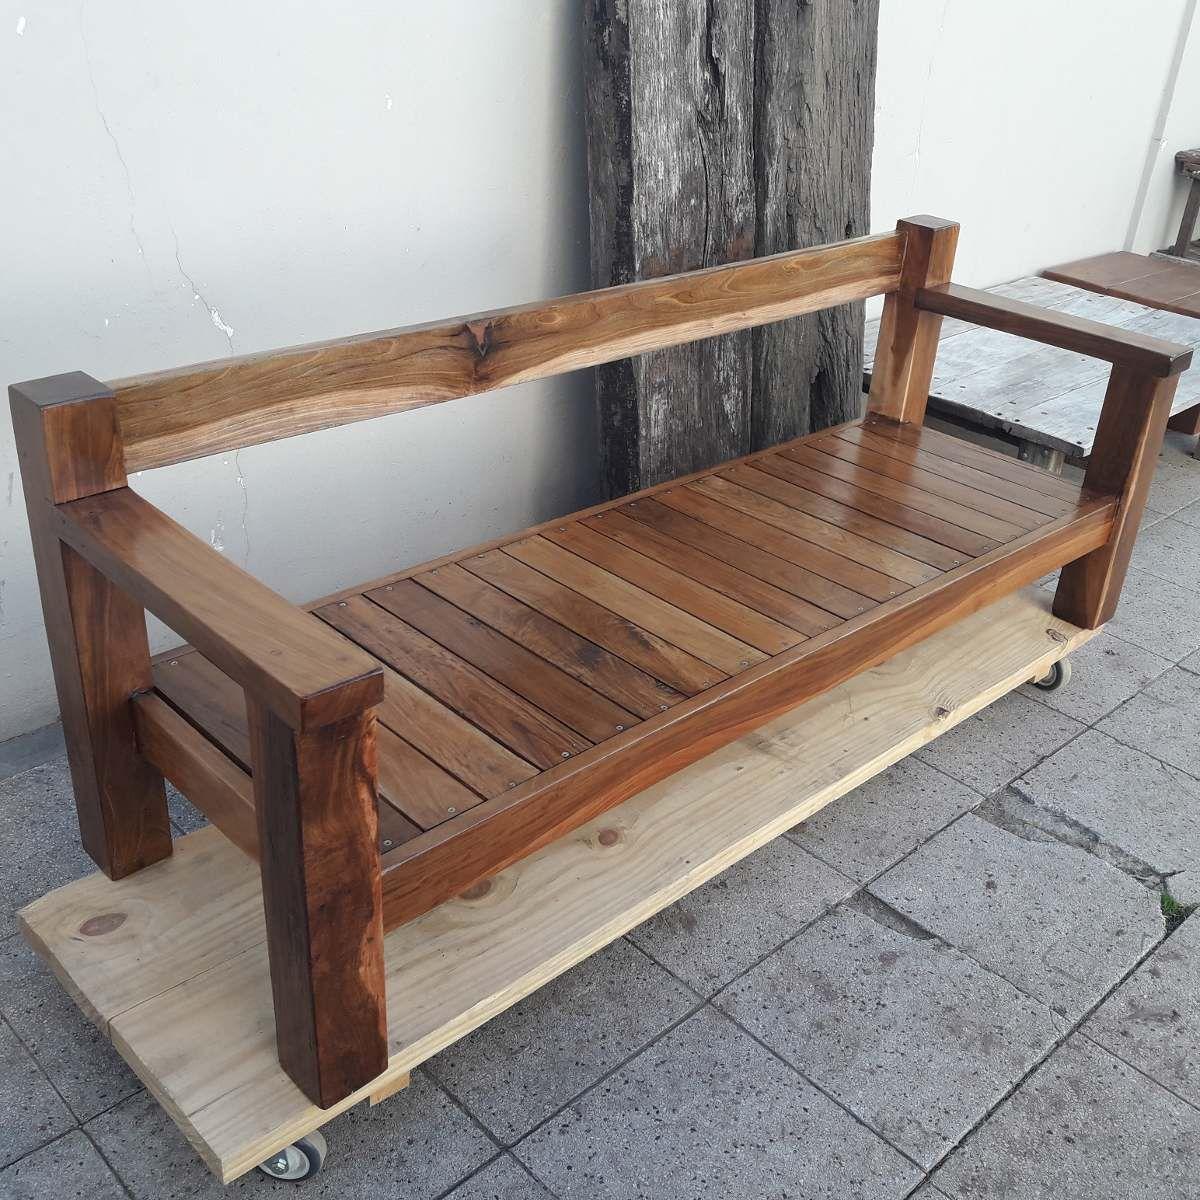 sillon de lapacho 200x70 - muebles jardin | Palets en 2019 ... - photo#10